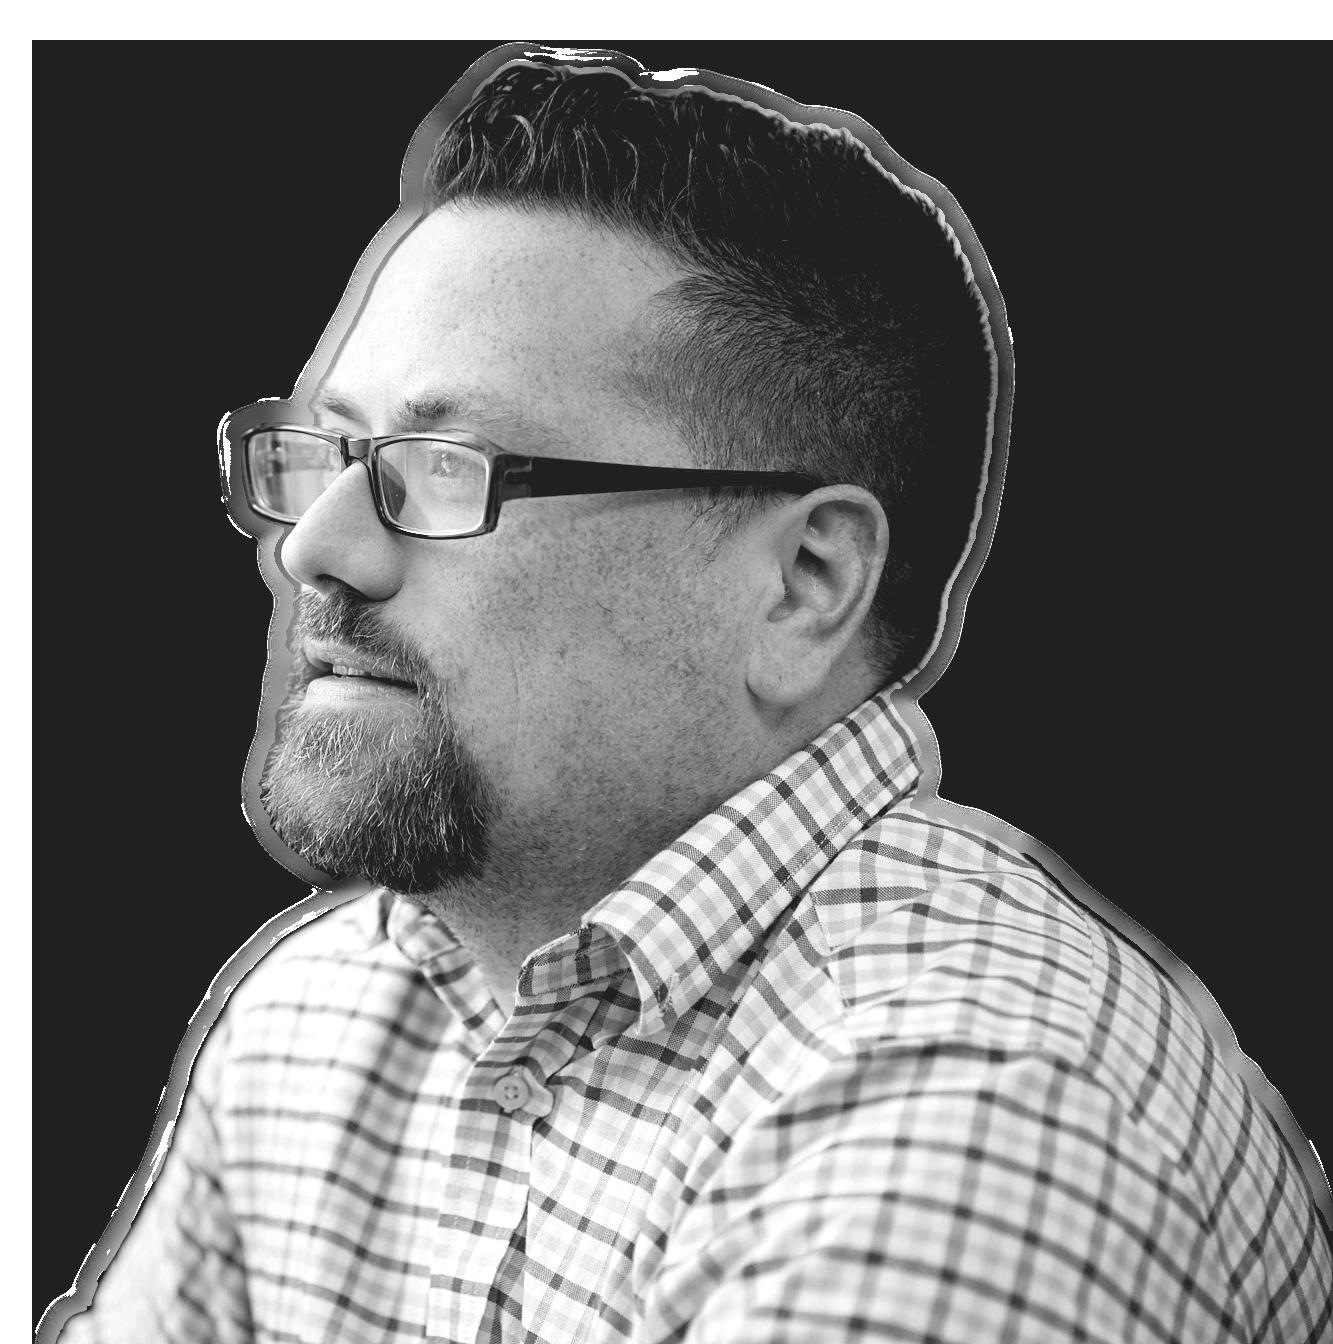 Joshua Menken User Experience Designer